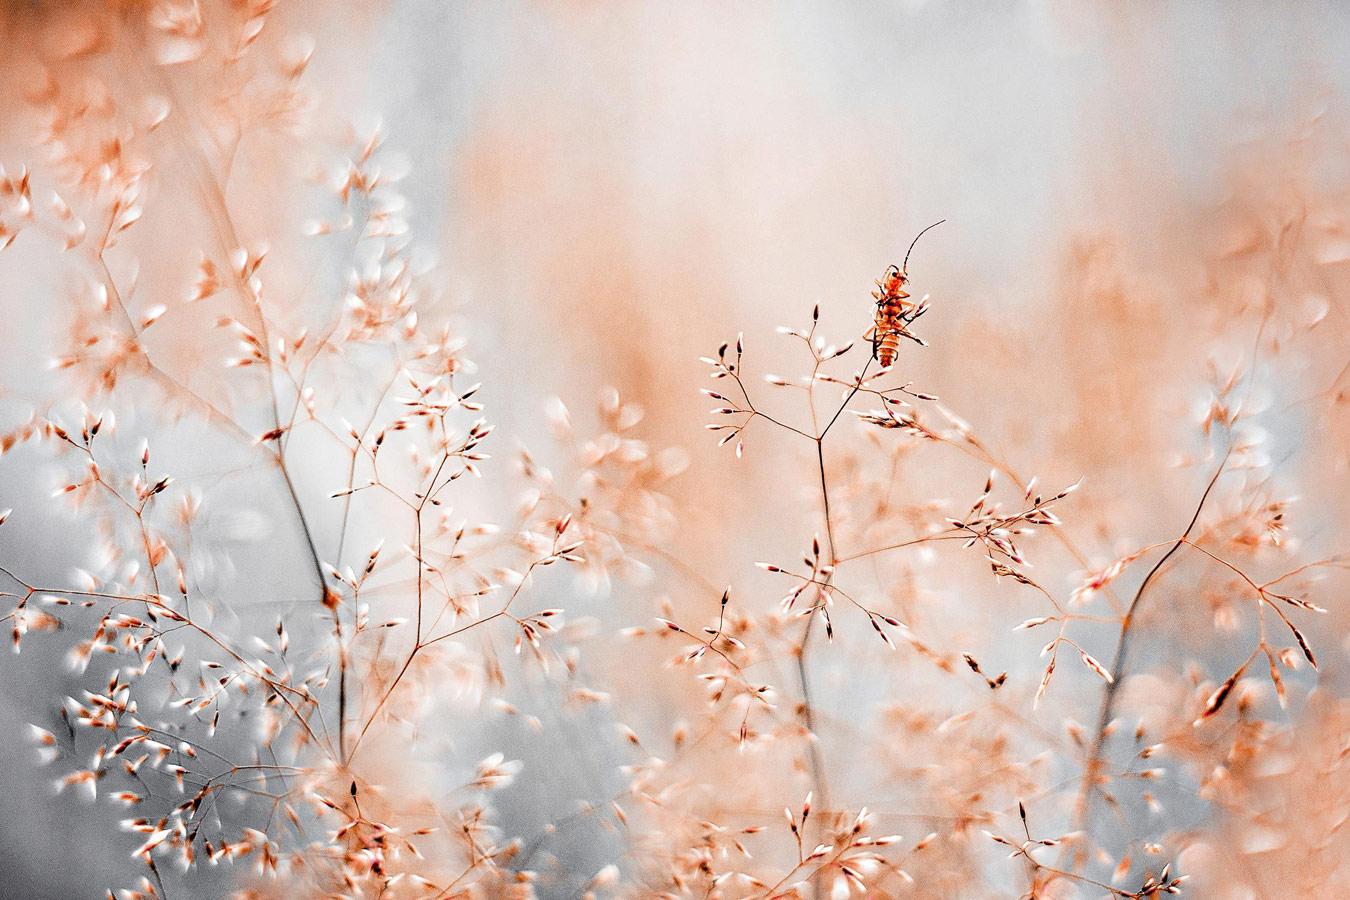 Один, © Кристина Звинакевичюте, Абсолютный победитель конкурса, Победитель категории «Сад дикой природы», Фотоконкурс RHS Photographic